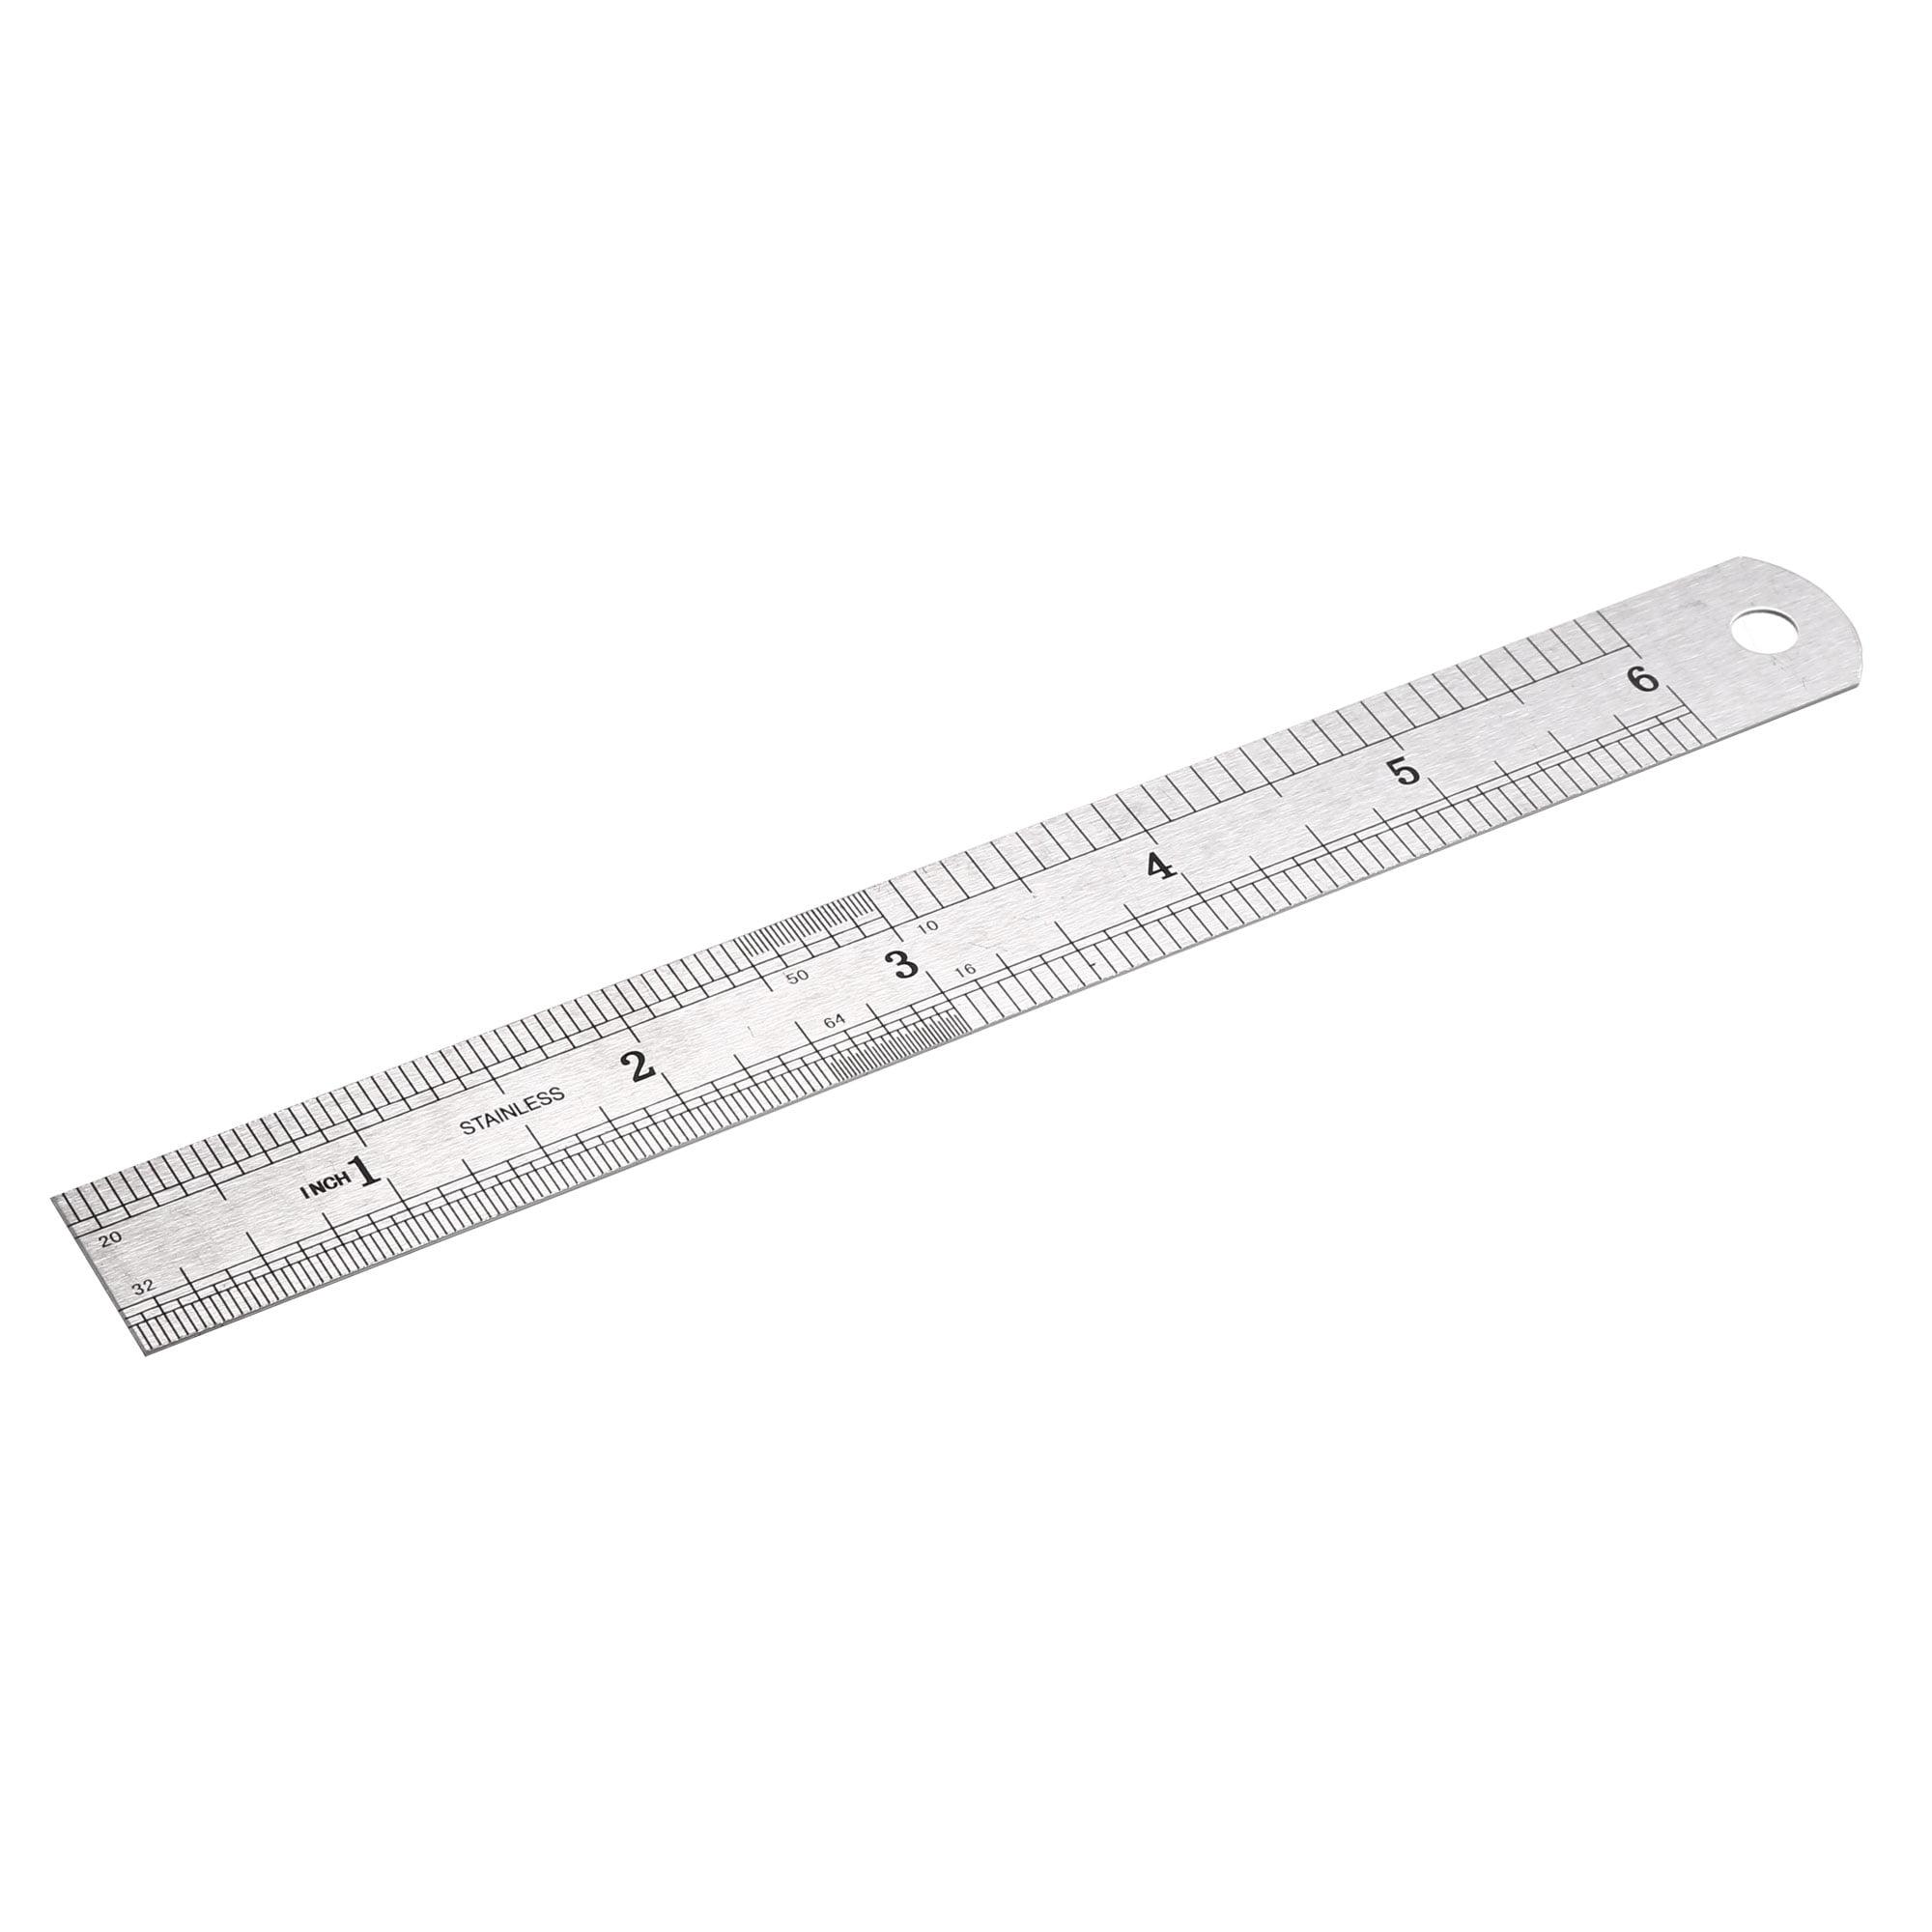 Steel Ruler 6 Inch Ruler Metal Ruler Ruler Inches And Centimeters Drawing Ruler Measuring Ruler Walmart Com Walmart Com